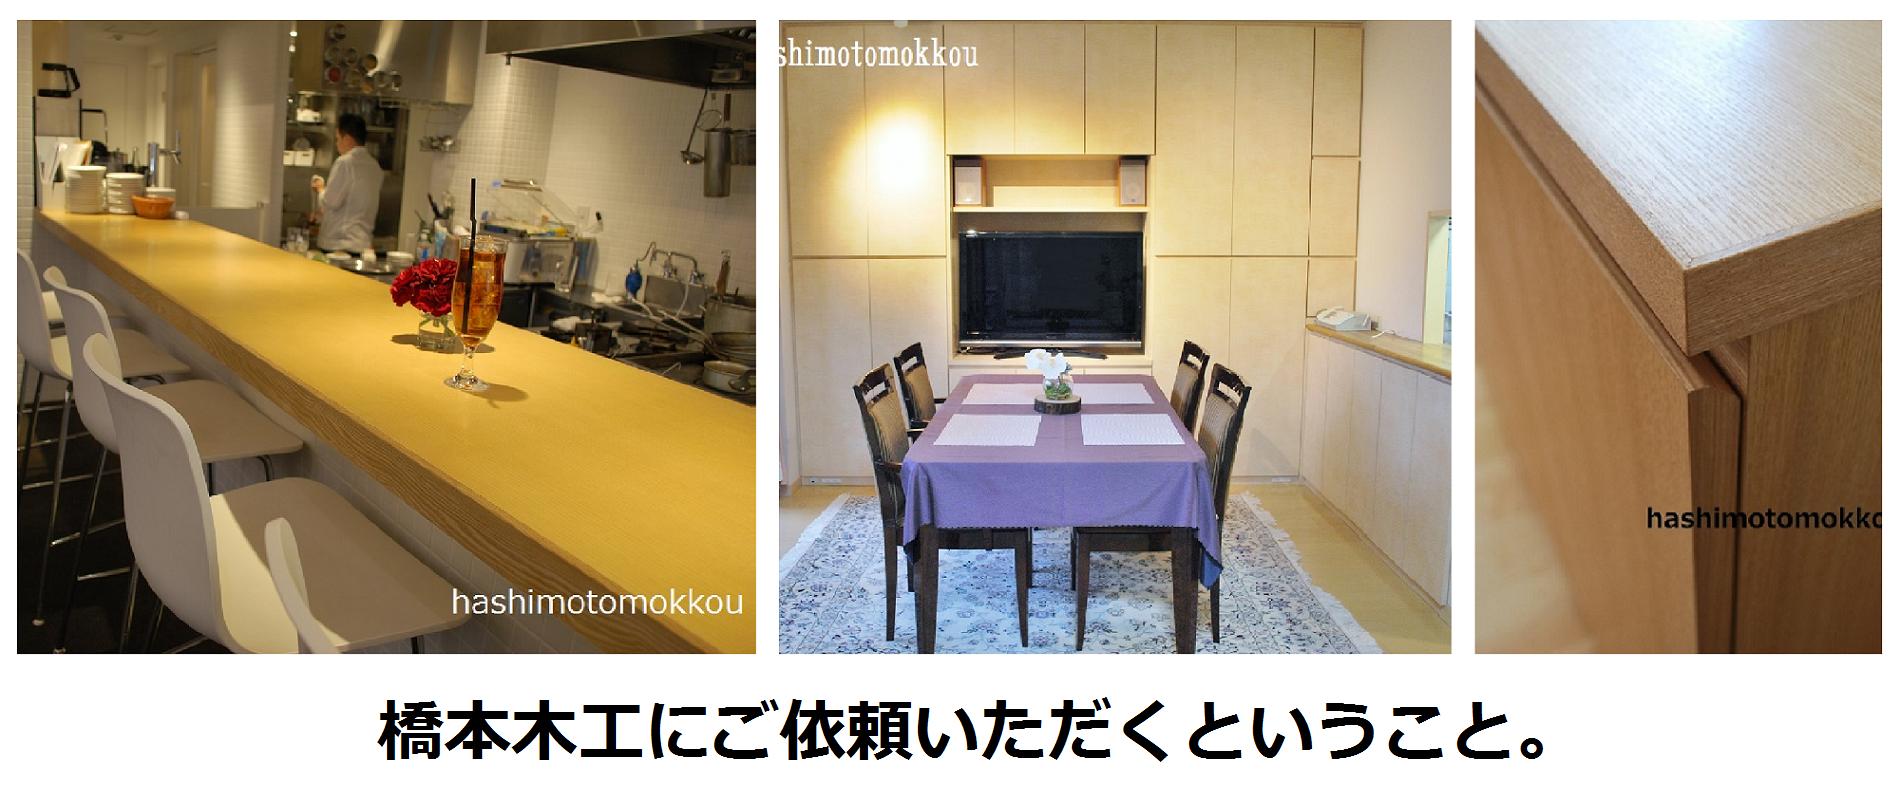 橋本木工にご依頼いただくということ。